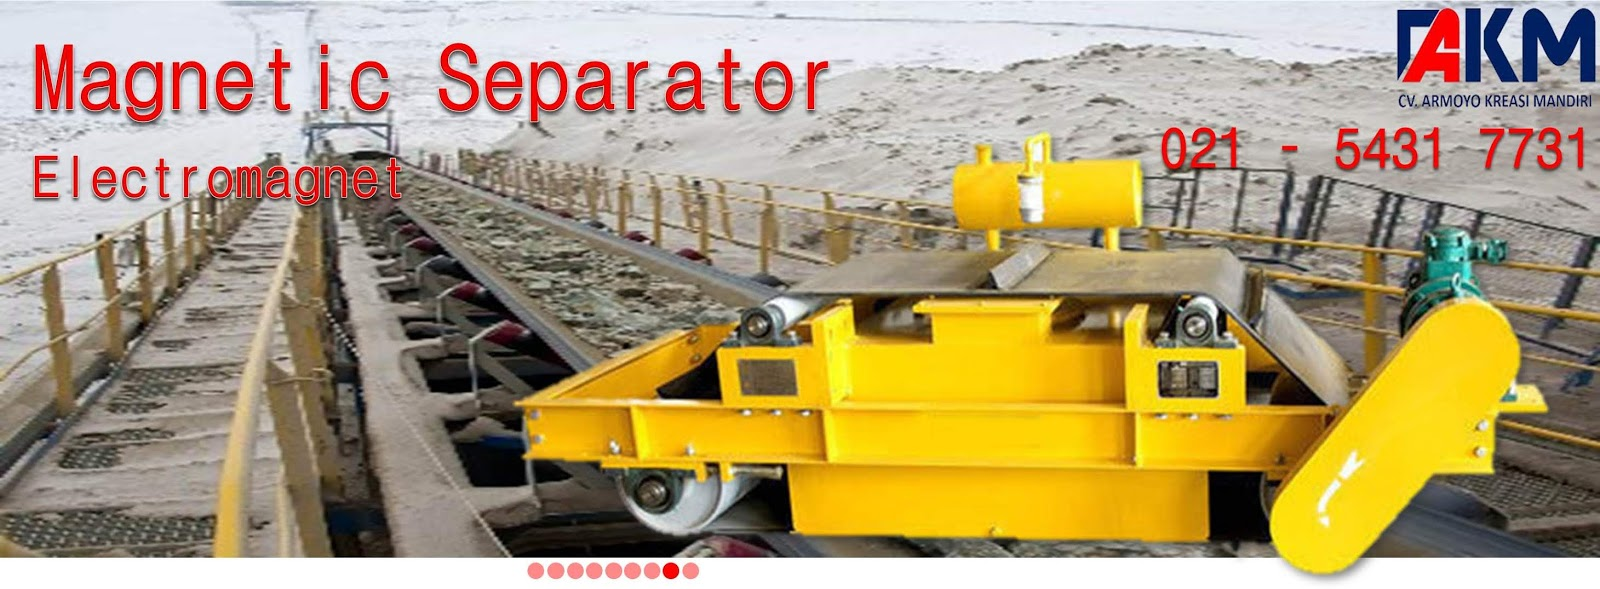 Electromagnet separator